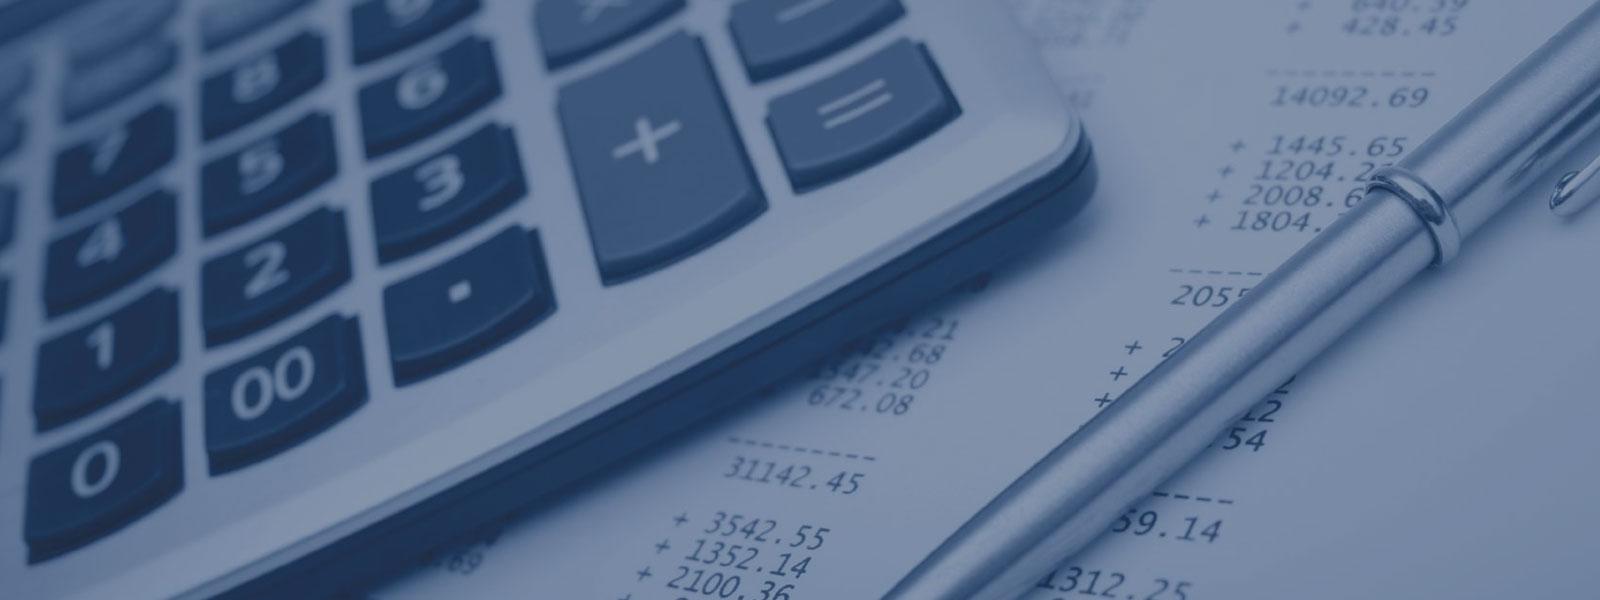 HR & PayRoll Management Software